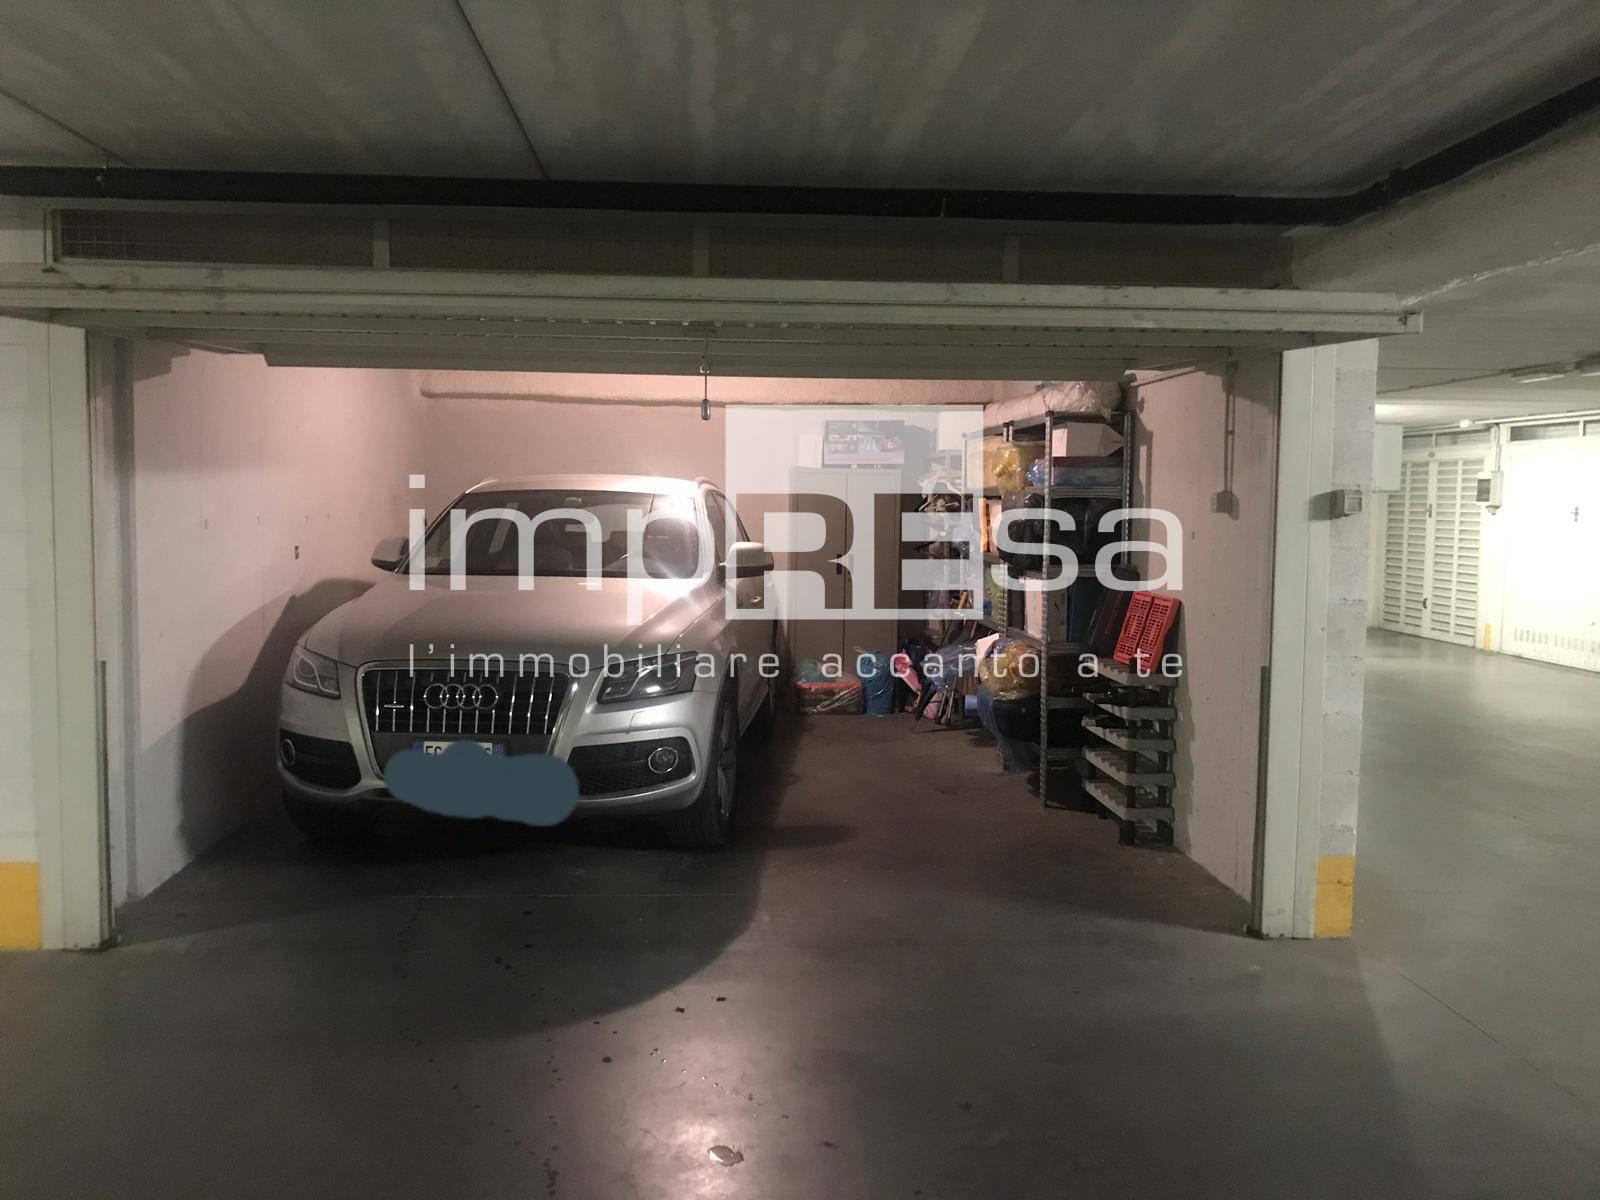 Box / Garage in vendita a Treviso, 1 locali, zona Località: Centrostorico, prezzo € 82.000 | CambioCasa.it